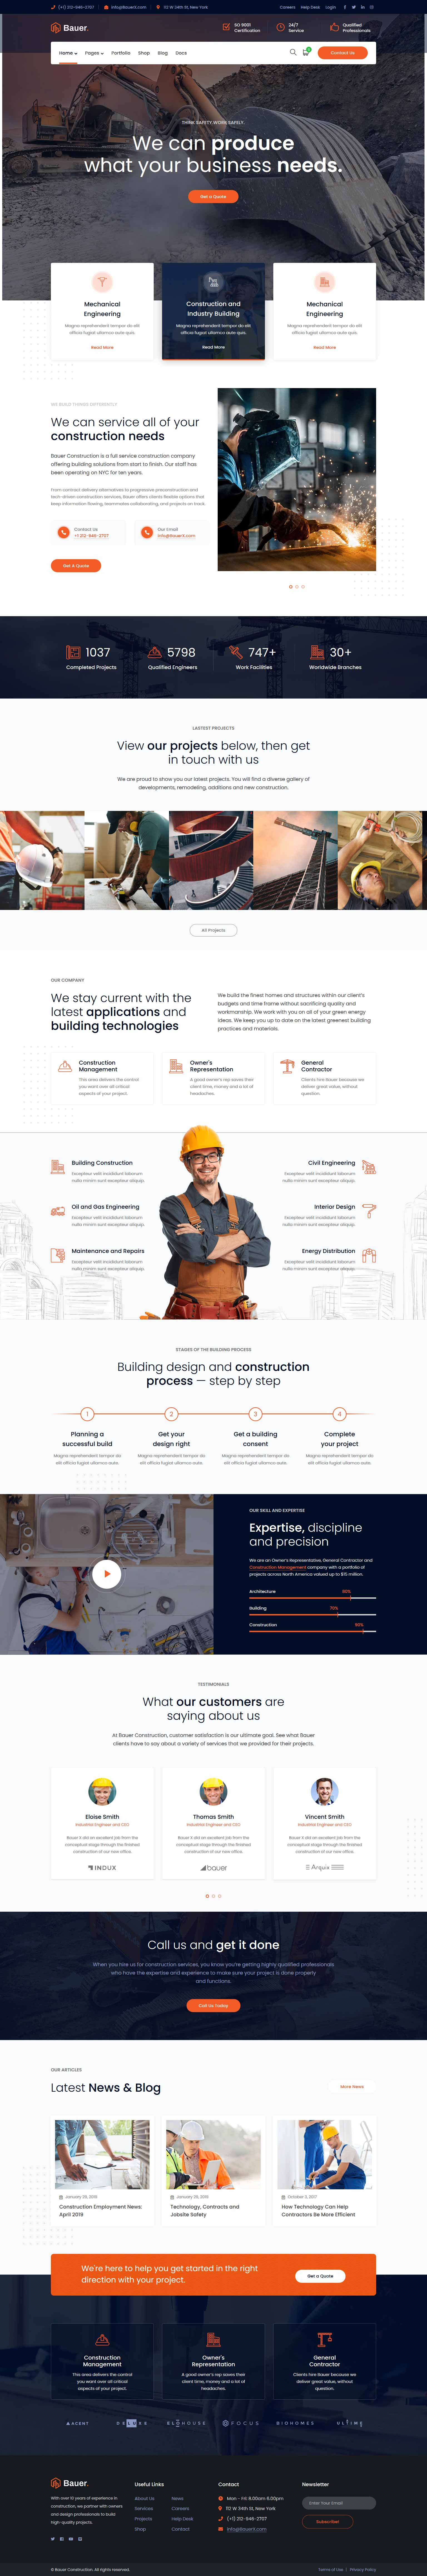 разработка и создание сайтов для строительной компании, промышленного производства